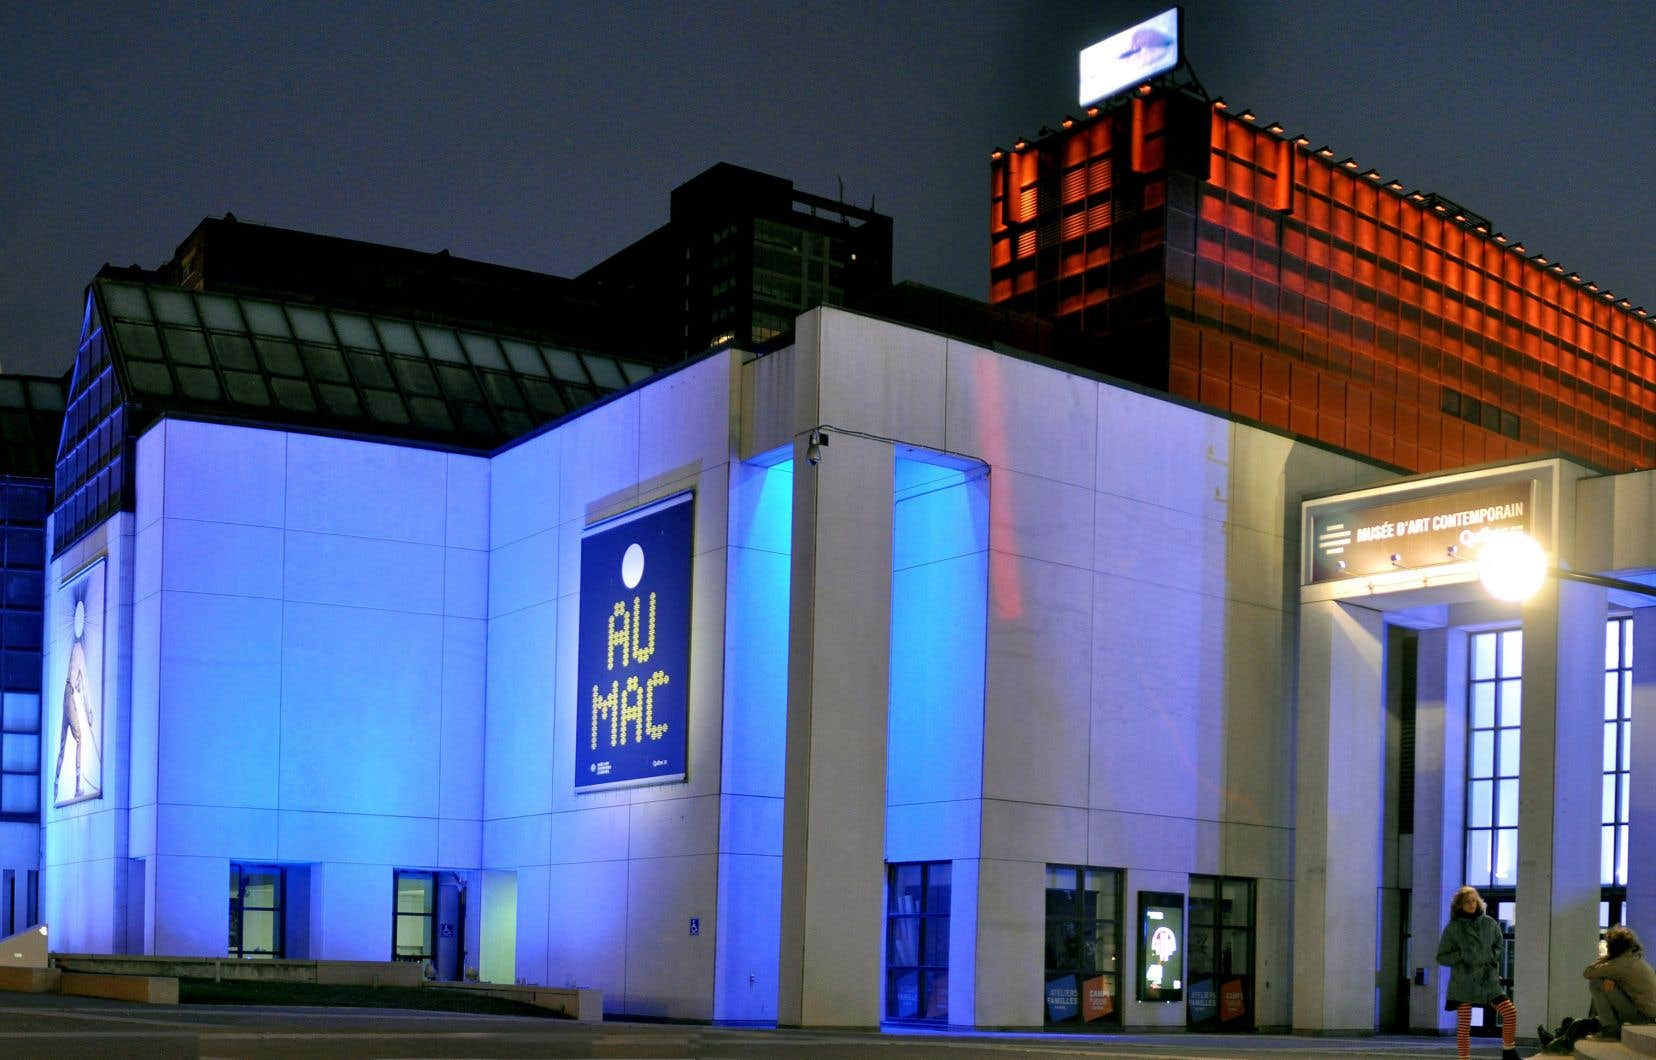 Certaines institutions, comme le Musée d'art contemporain de Montréal, reçoivent une aide financière supplémentaire pour leur développement et leur rayonnement.